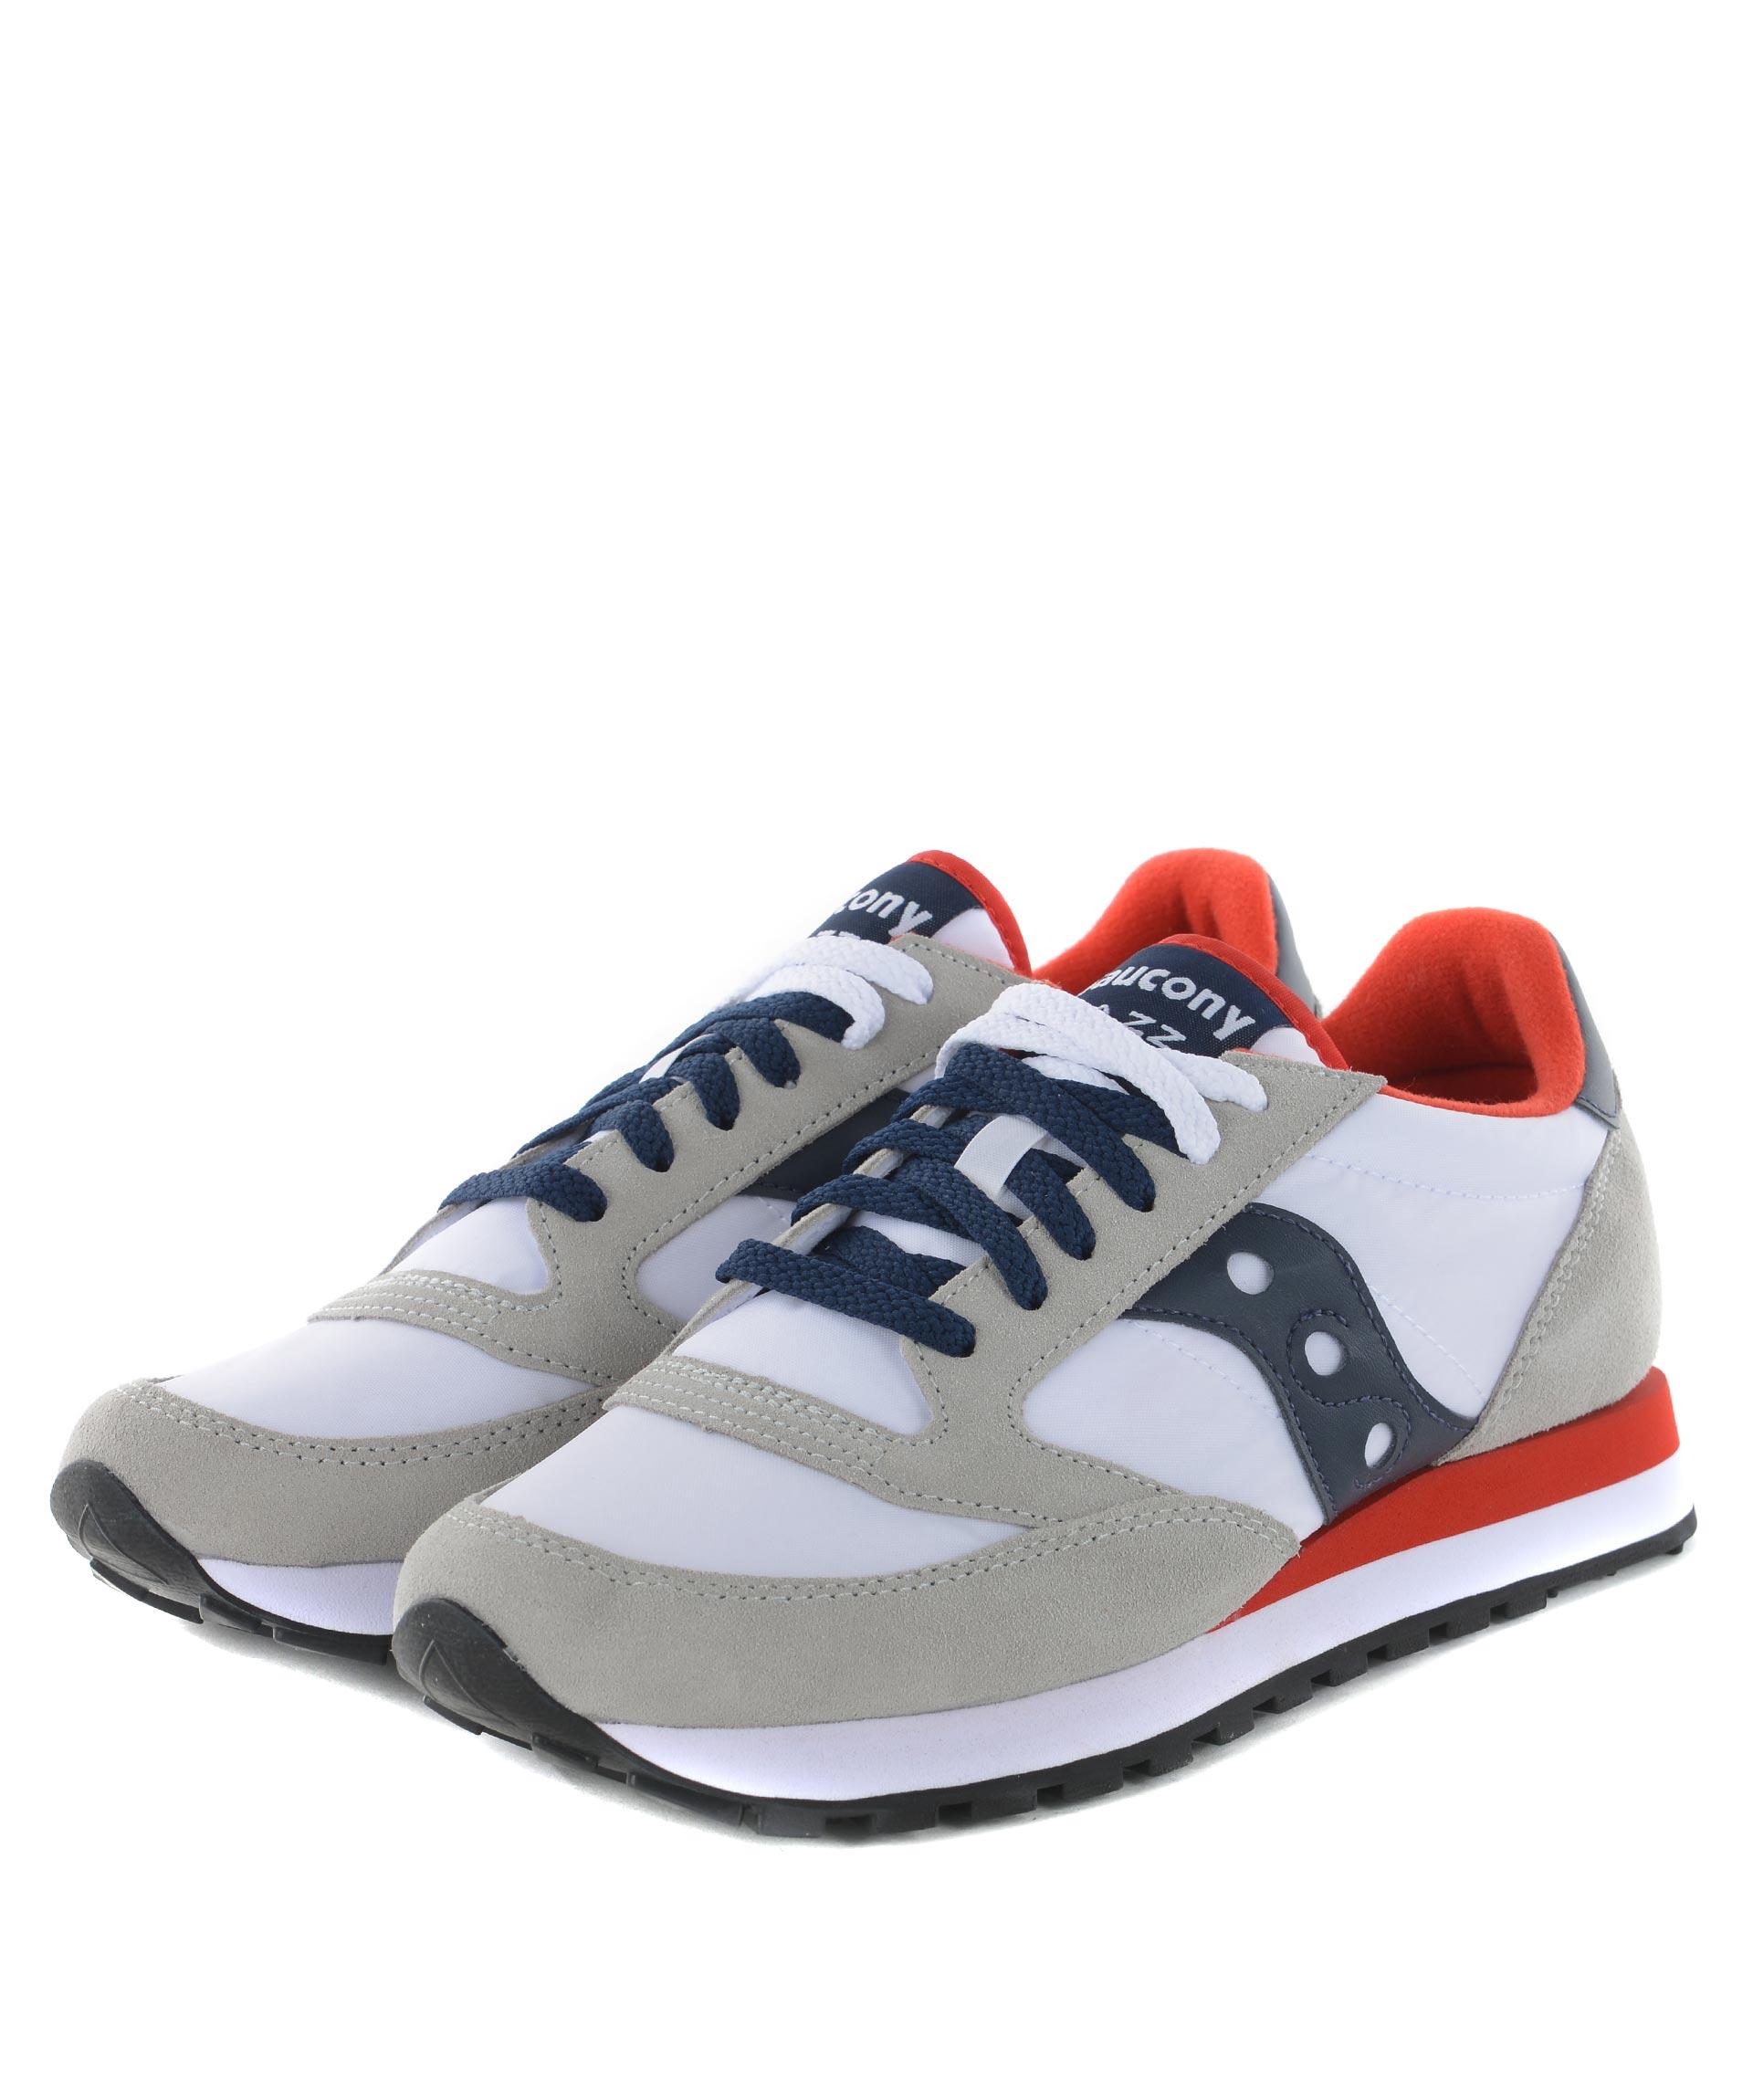 f89c023dc302 Sneakers uomo Saucony